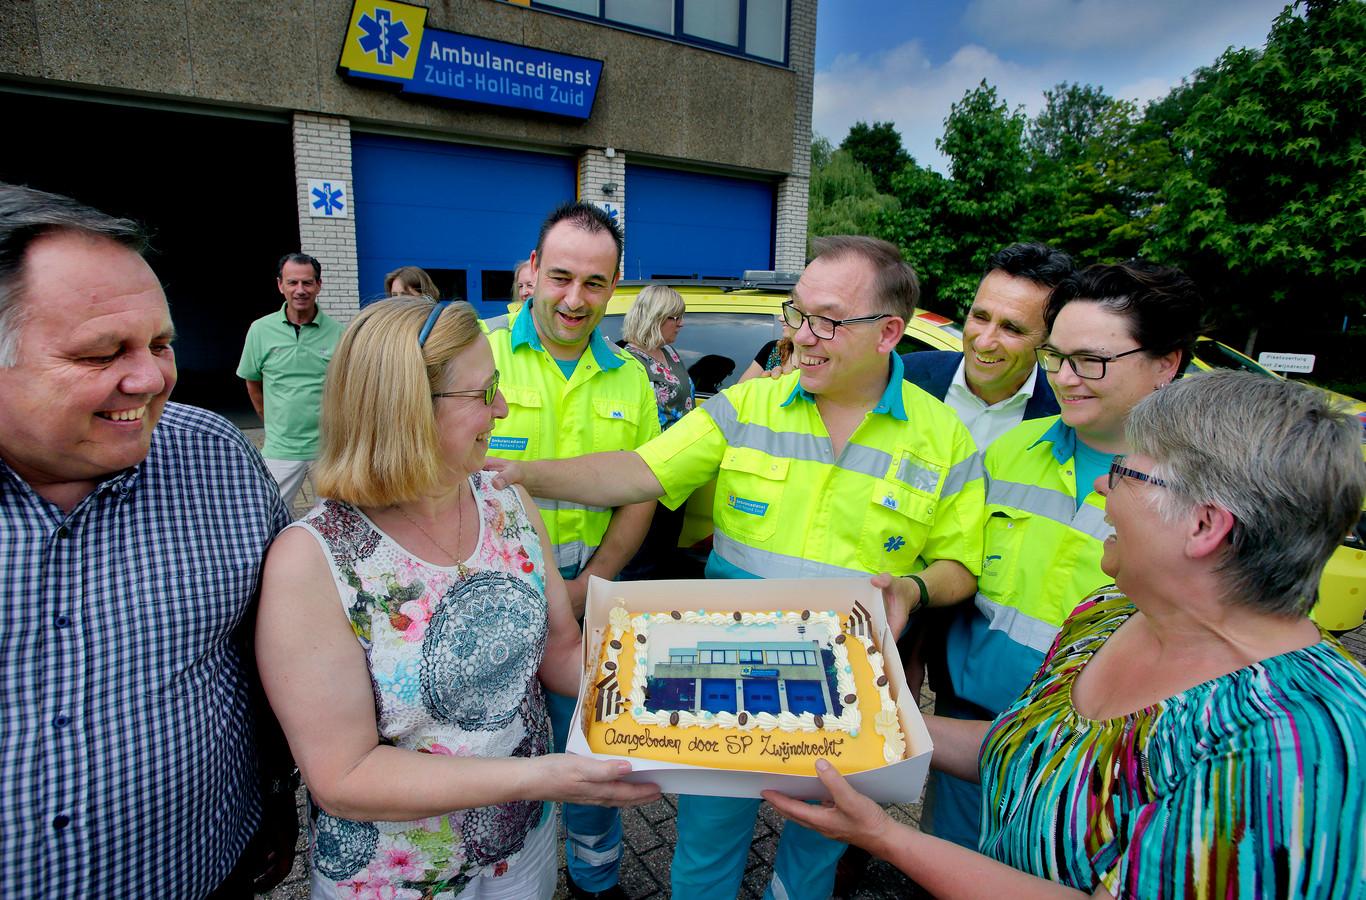 Ria Reijerse (midden), bij de aanbieding van een taart aan Zwijndrechts ambulancepersoneel, als dank voor de inzet. Inmiddels is er niemand meer die zich in de raad voor de partij in wil zetten.